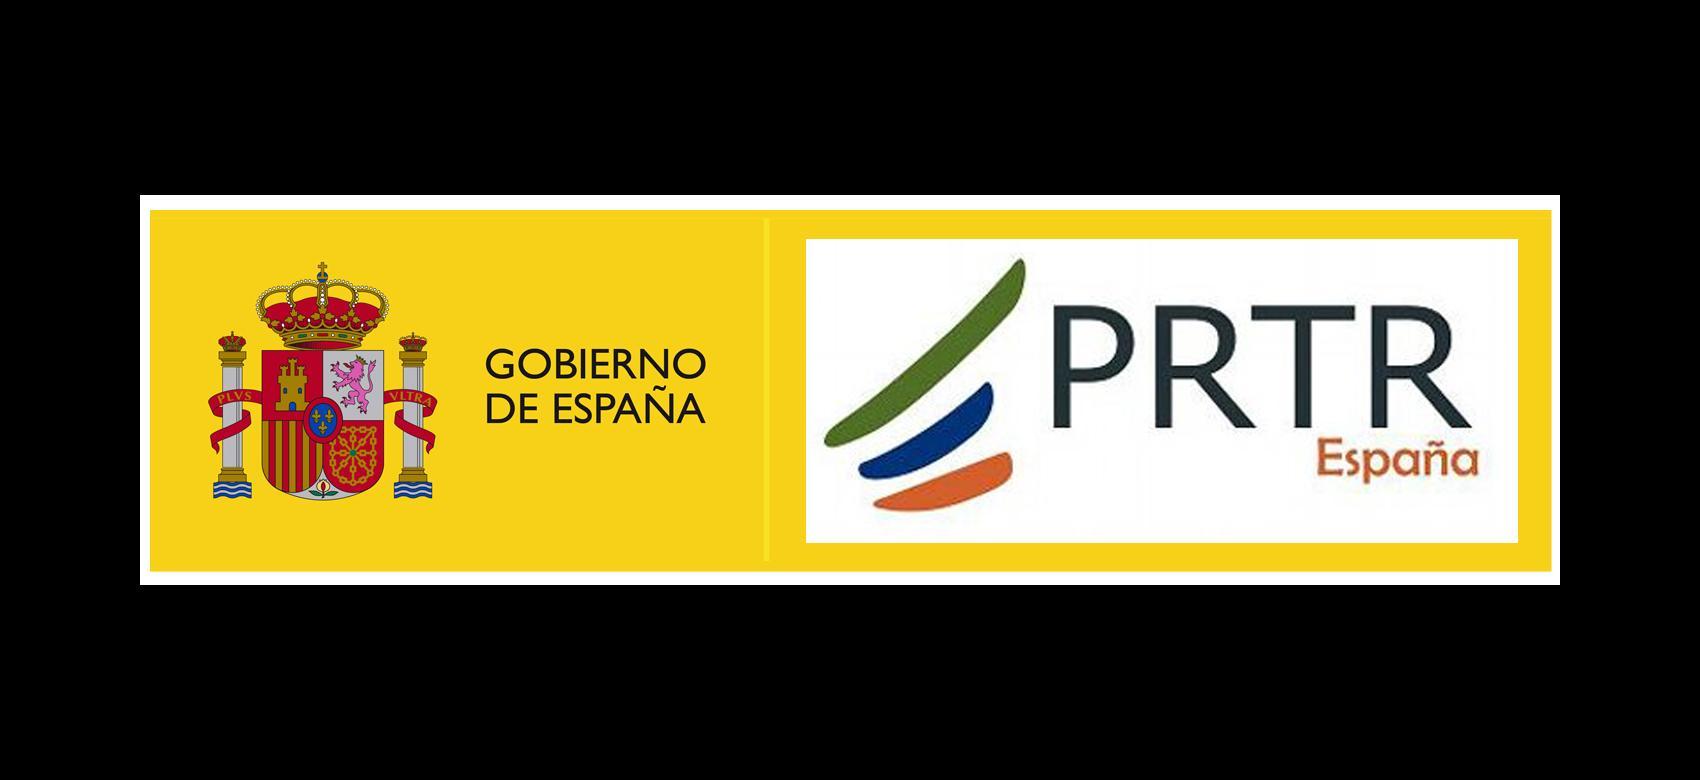 Logo Registro Estatal de Emisiones y Fuentes Contaminantes (PRTR)